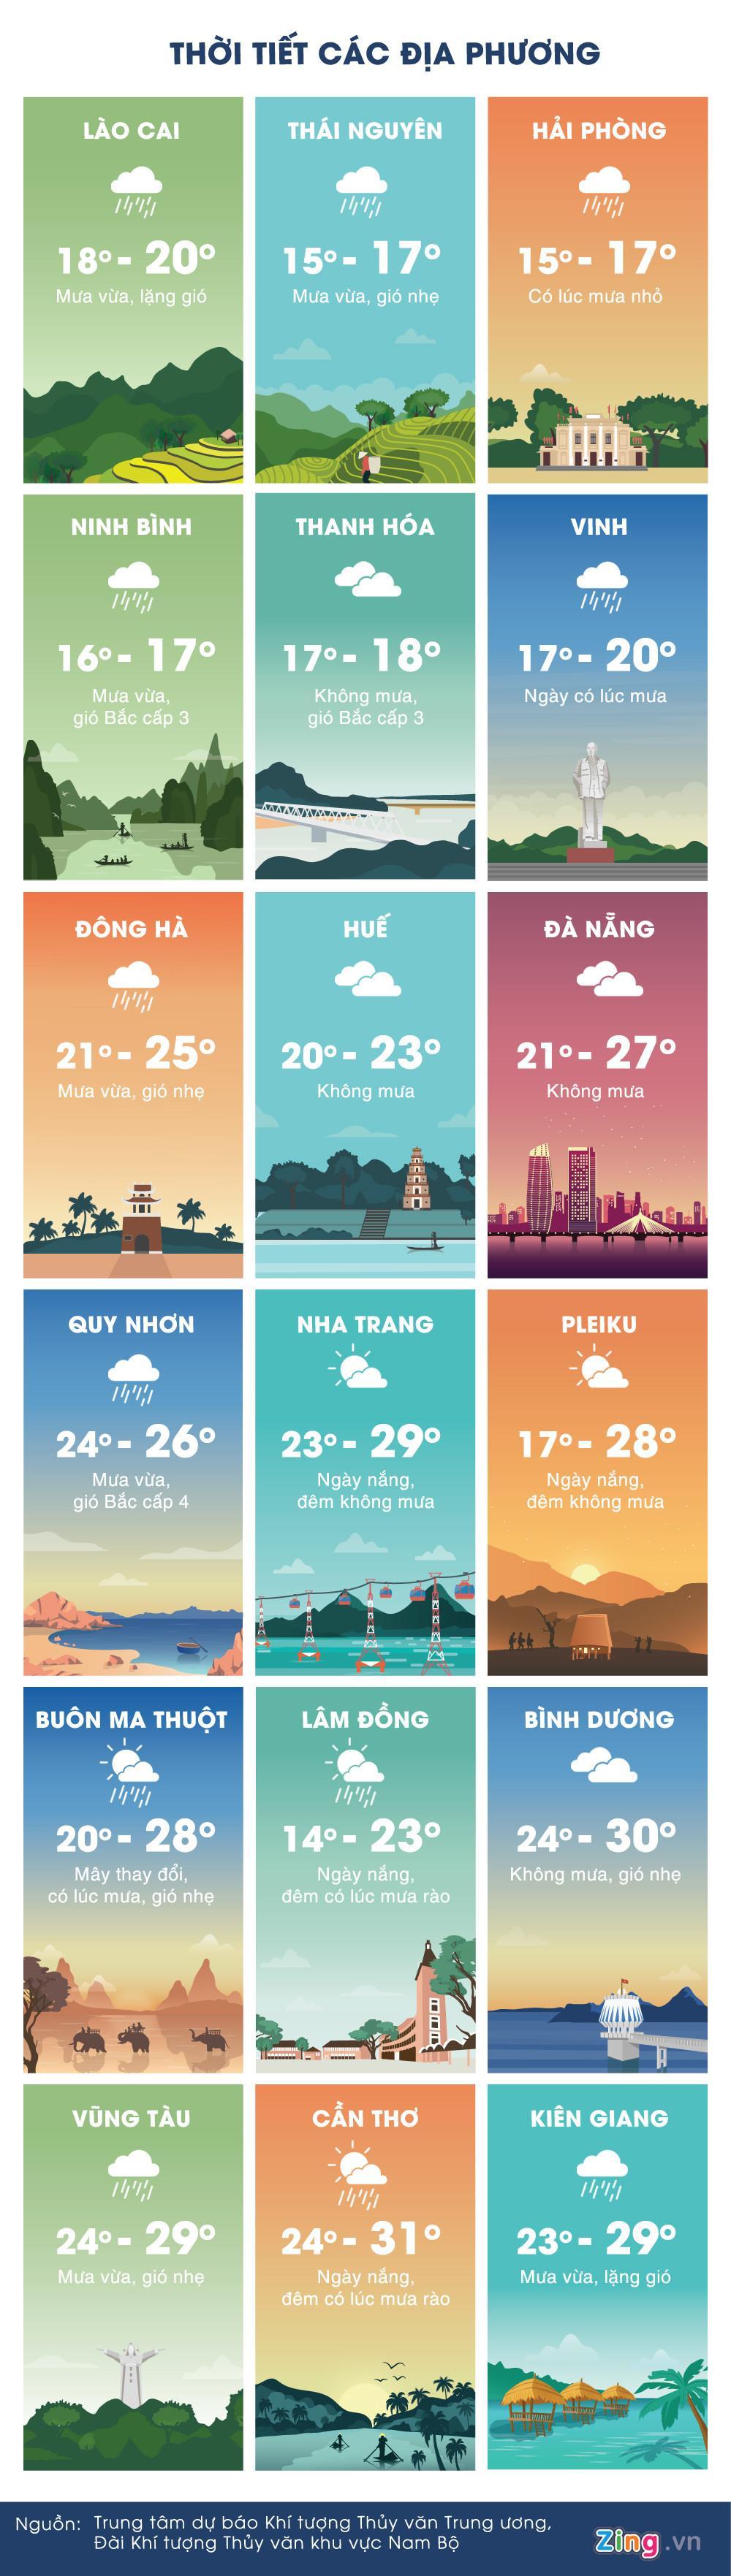 Thời tiết ngày 14/12: Không khí lạnh tăng cường, Hà Nội rét 12 độ C-3